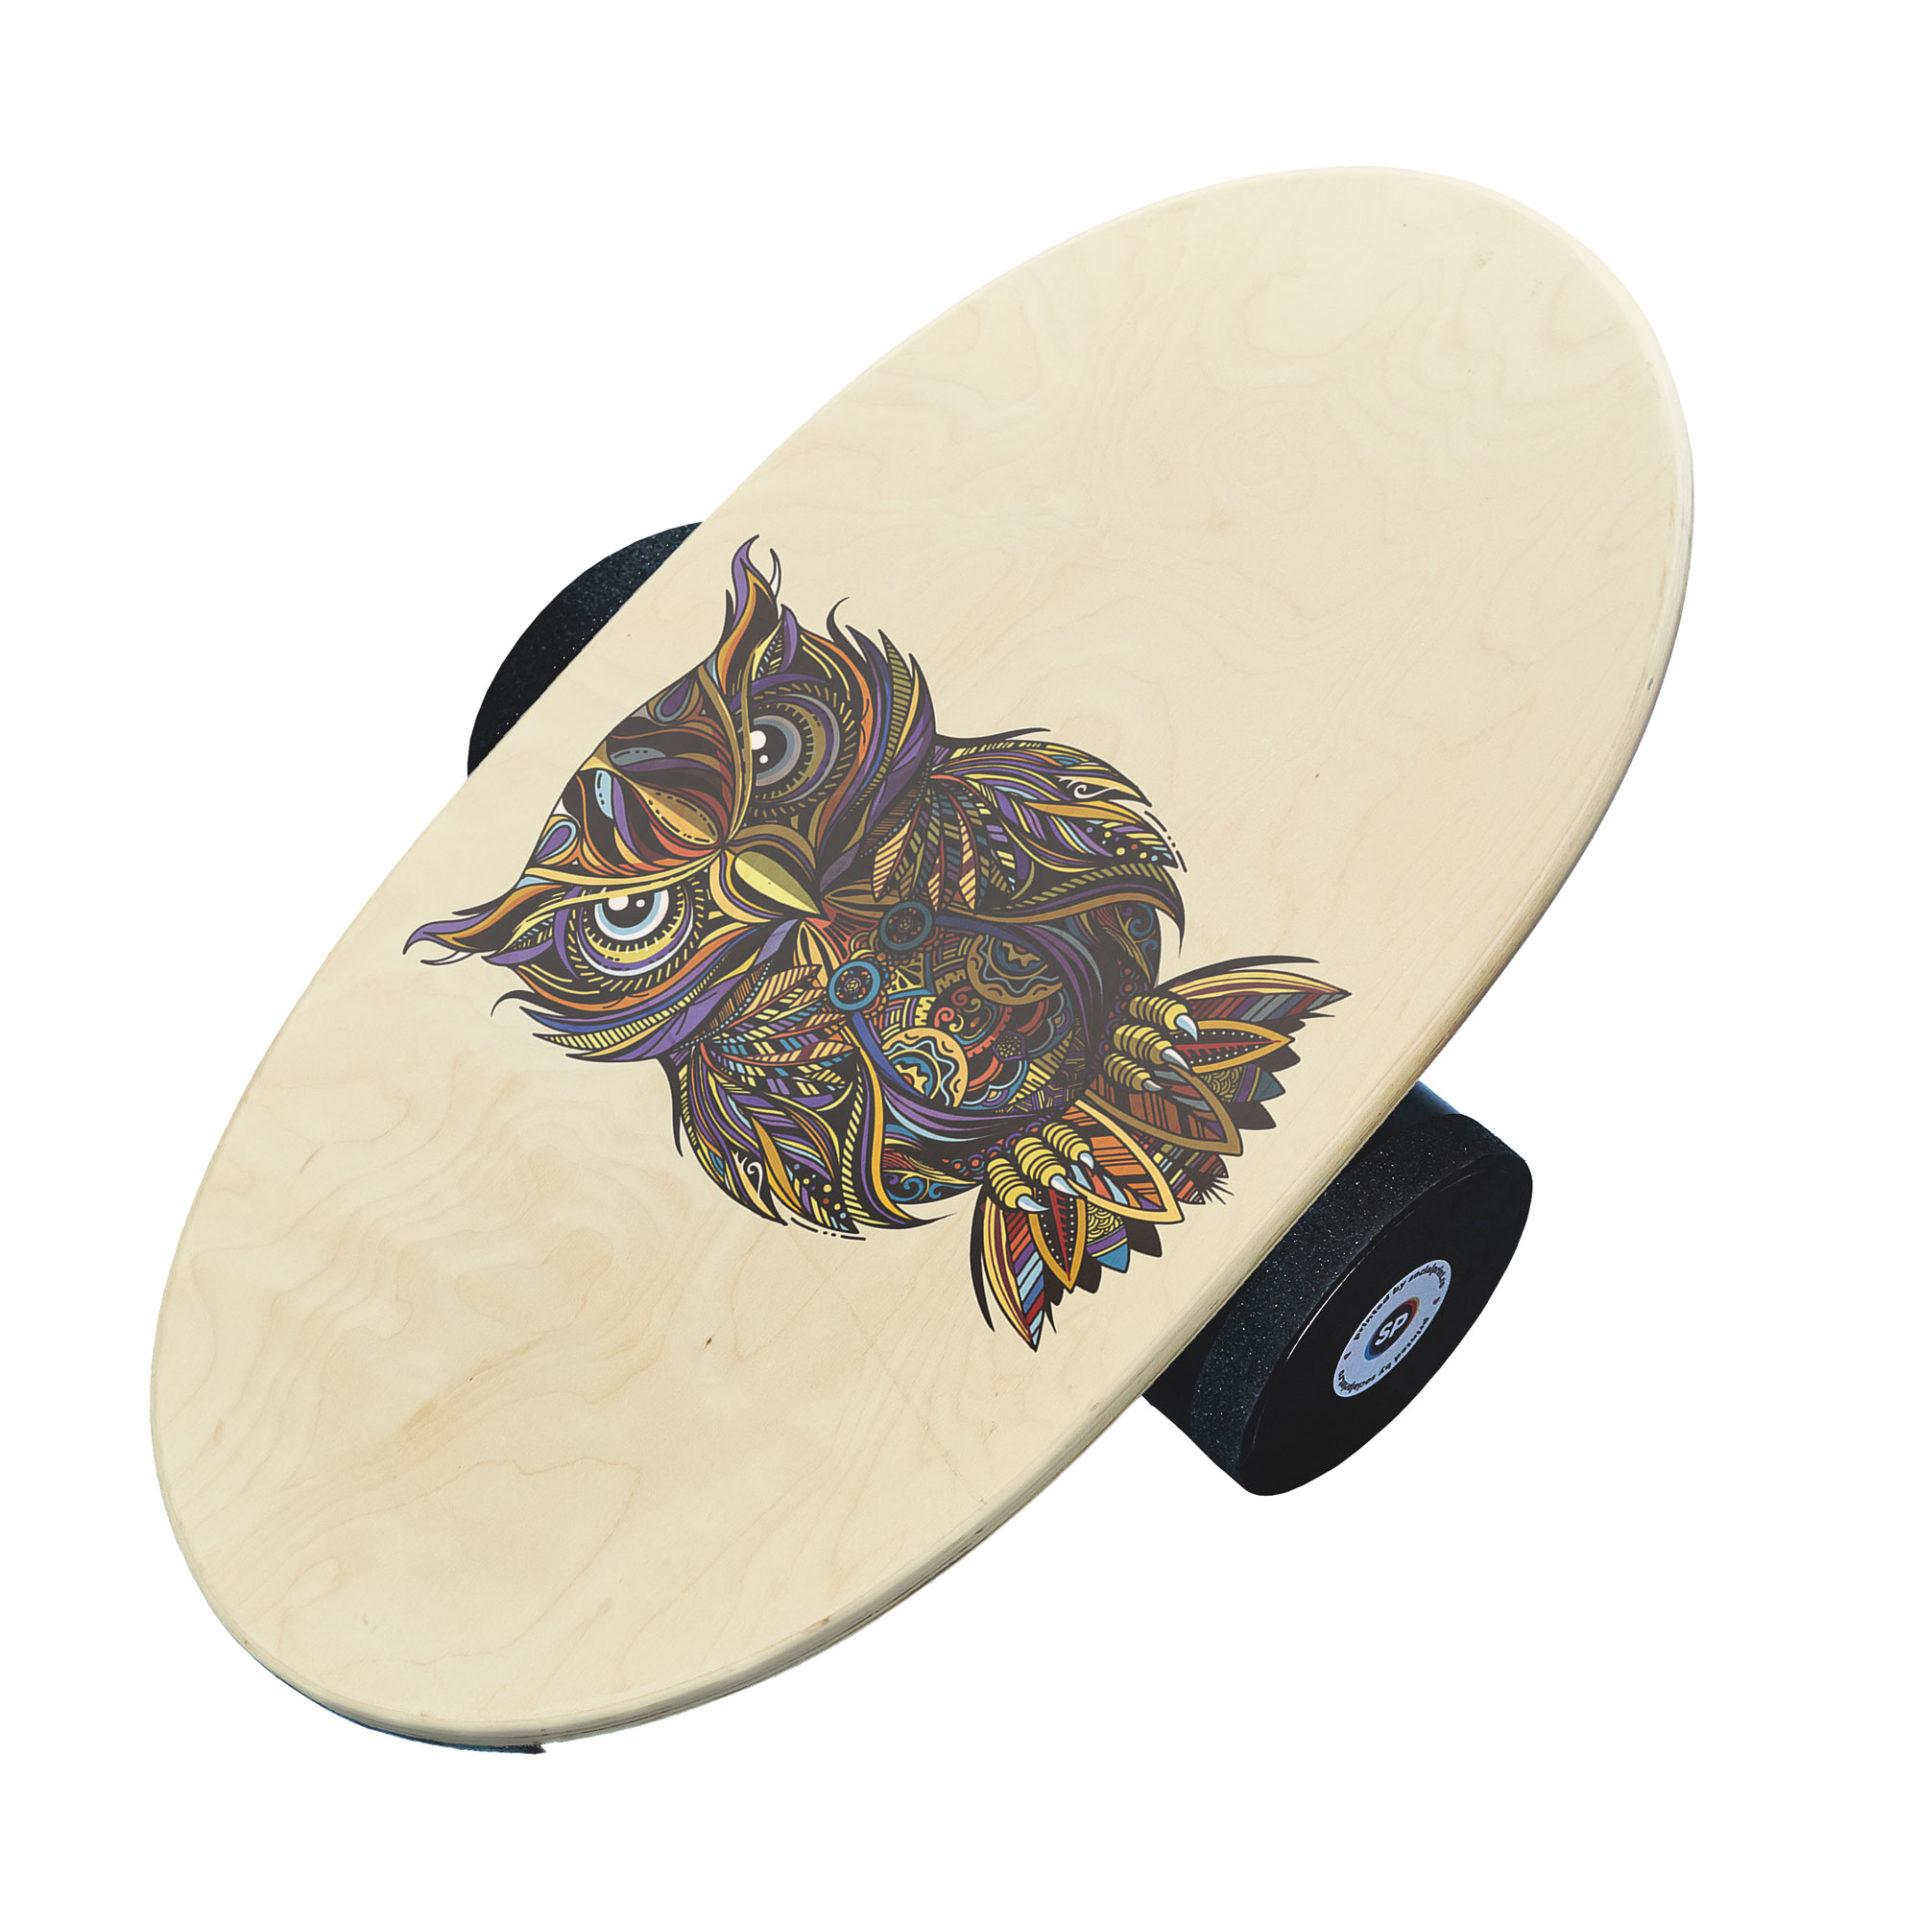 Balance board - Bufnita